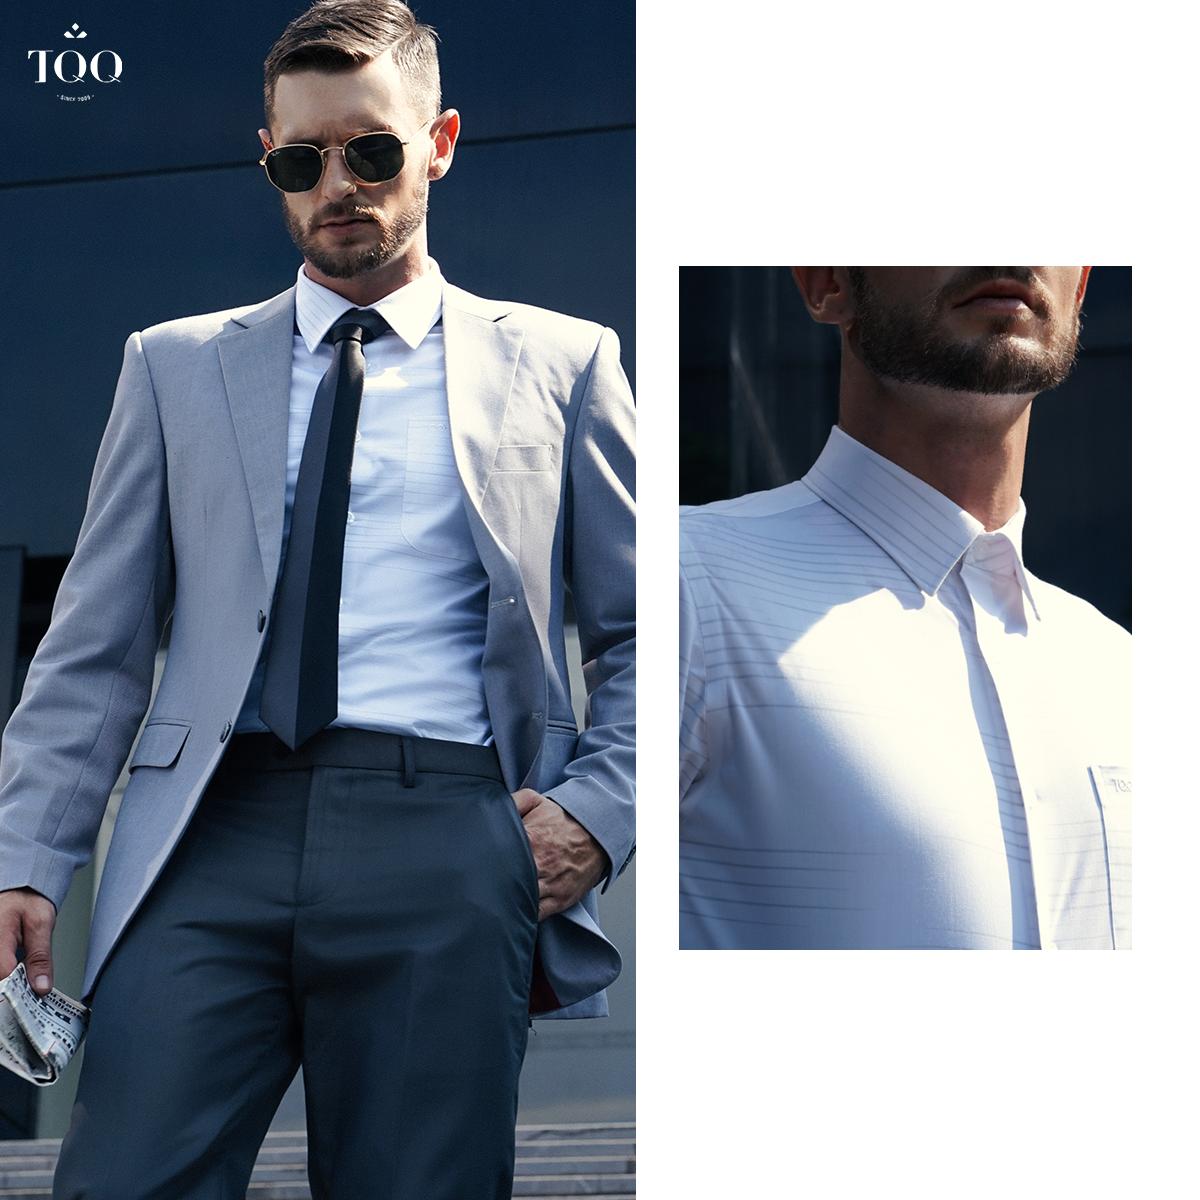 áo vest có màu ghi trung tính và áo sơ mi sáng màu